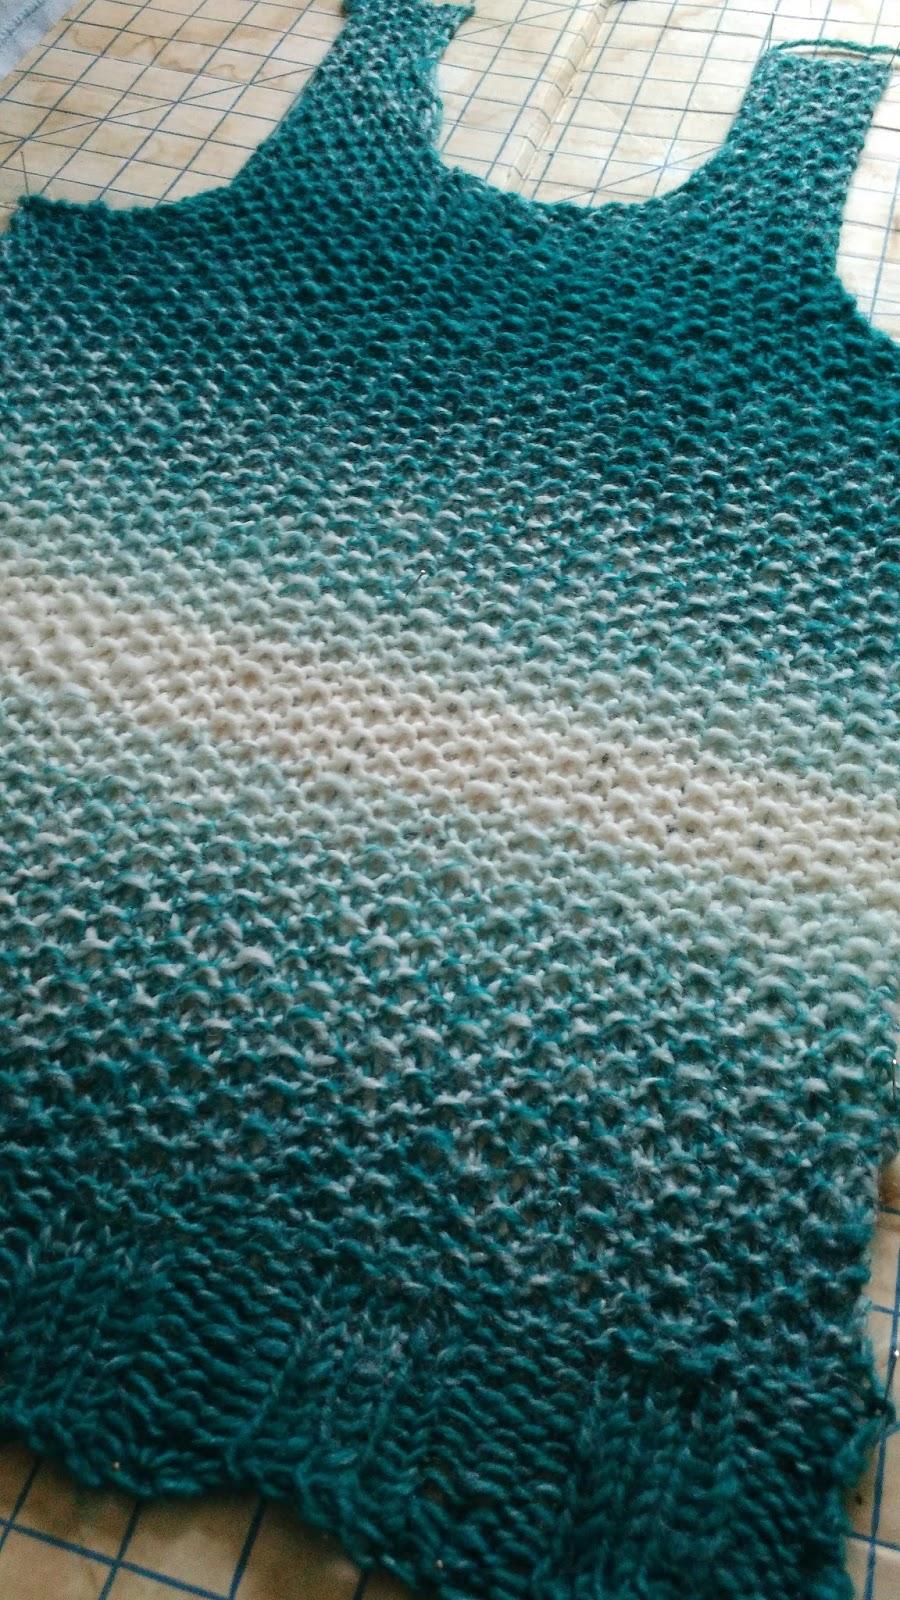 Seed Stitch Knitting By Judy : The Knitting Corner: Seed Stitch Sweater